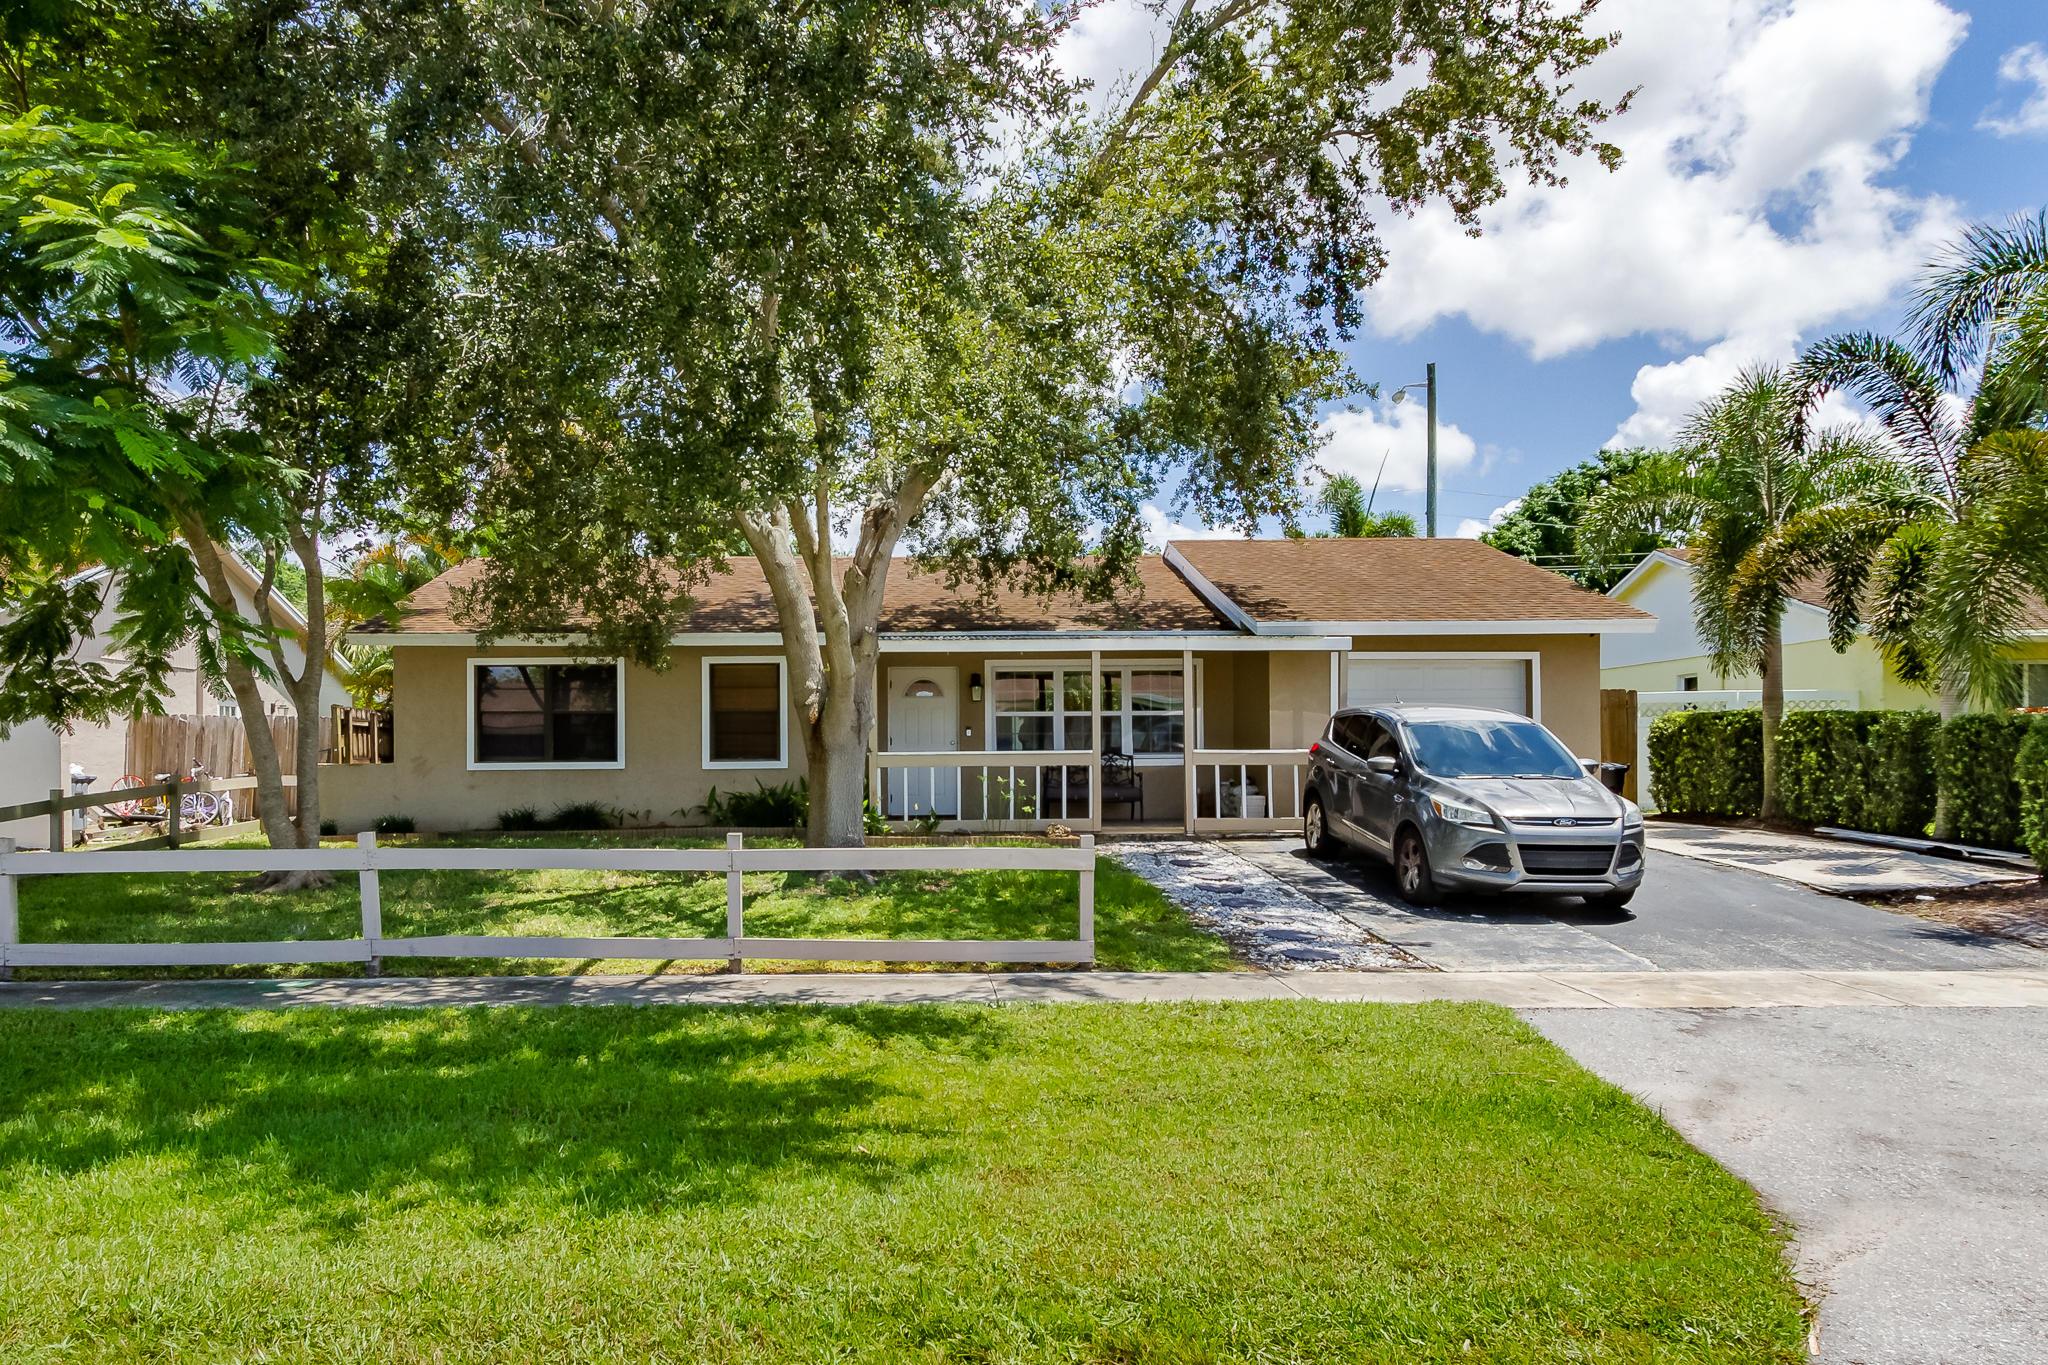 8945 Saddlecreek Drive Boca Raton, FL 33496